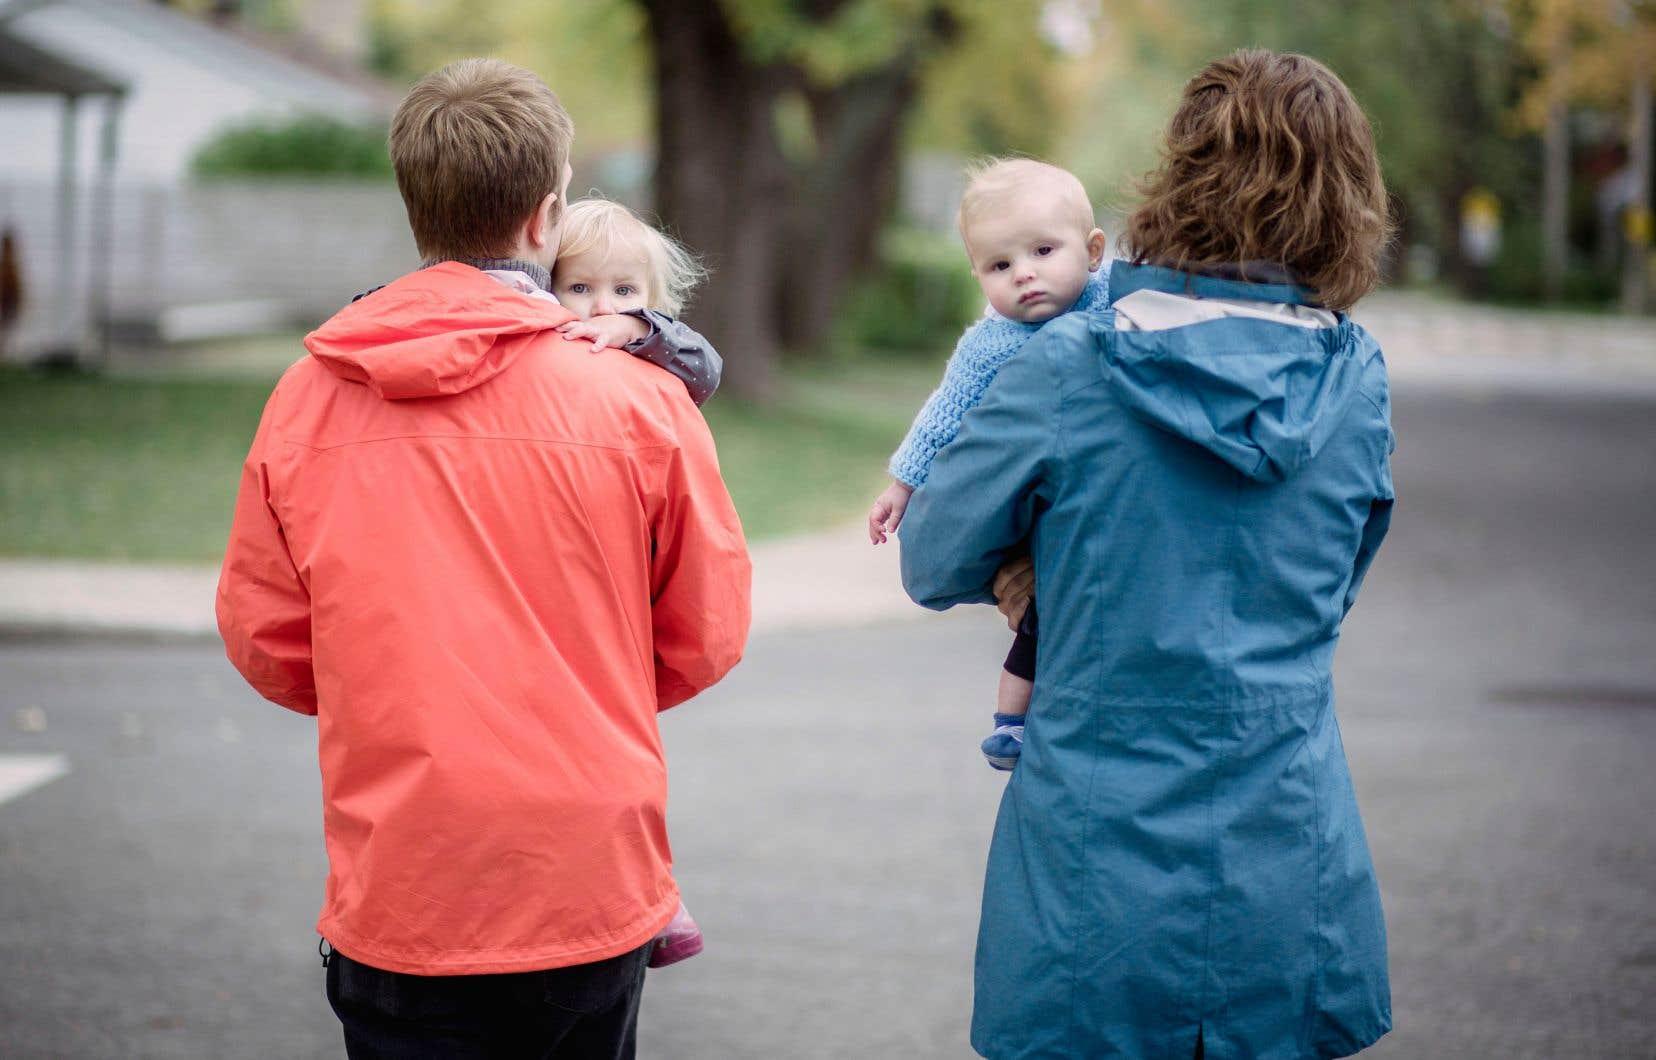 «Le taux de natalité, soit le nombre de naissances par rapport à la population totale, était en 2020 de 9,5, soit le plus bas jamais observé», note l'auteur.